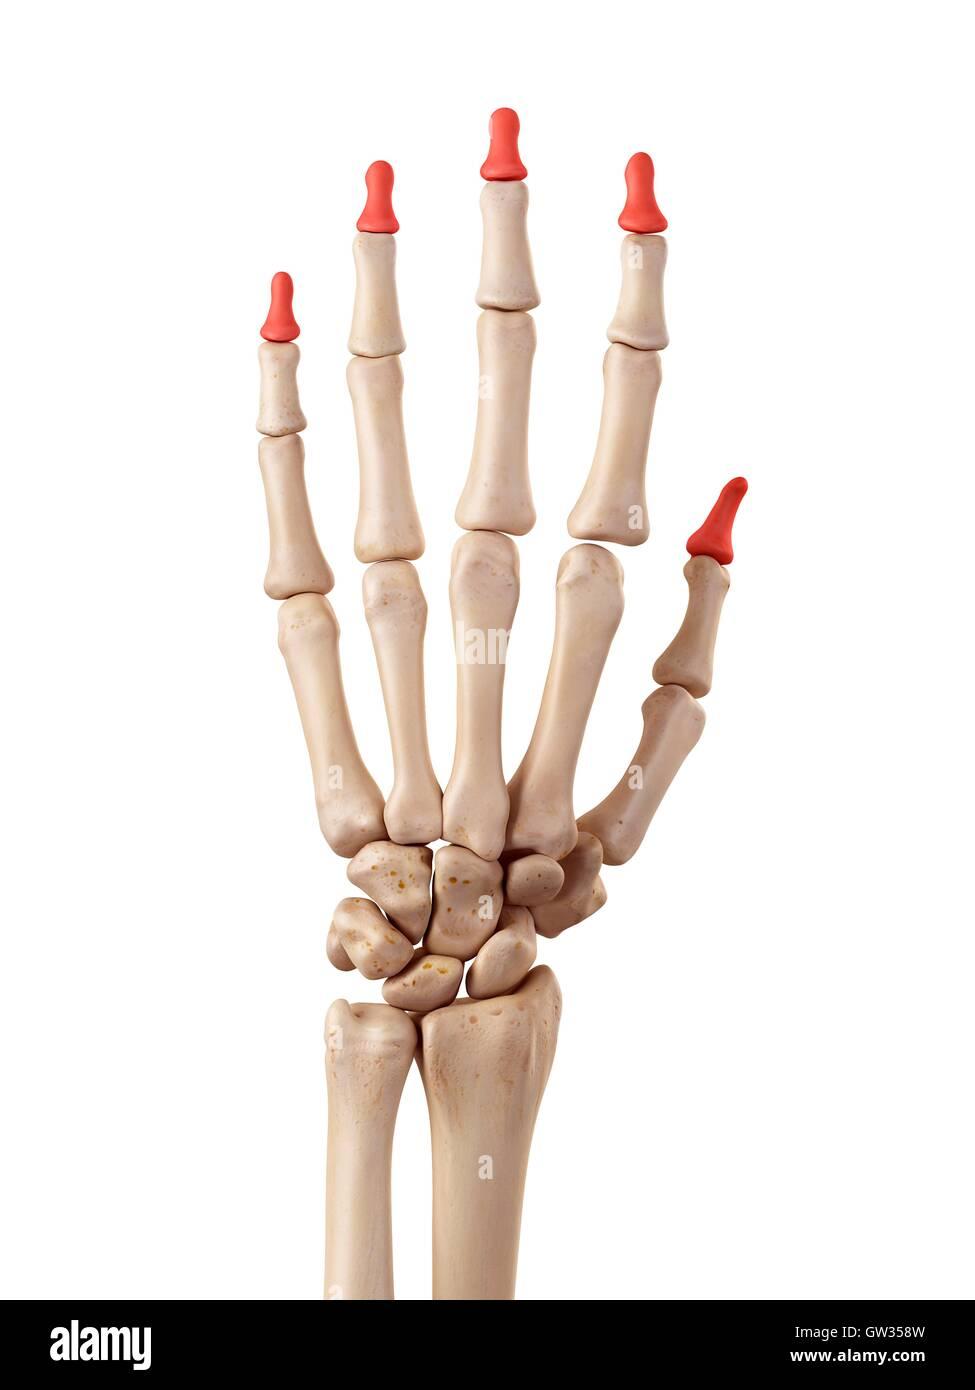 Menschliche Hand Knochen, Abbildung Stockfoto, Bild: 118698633 - Alamy